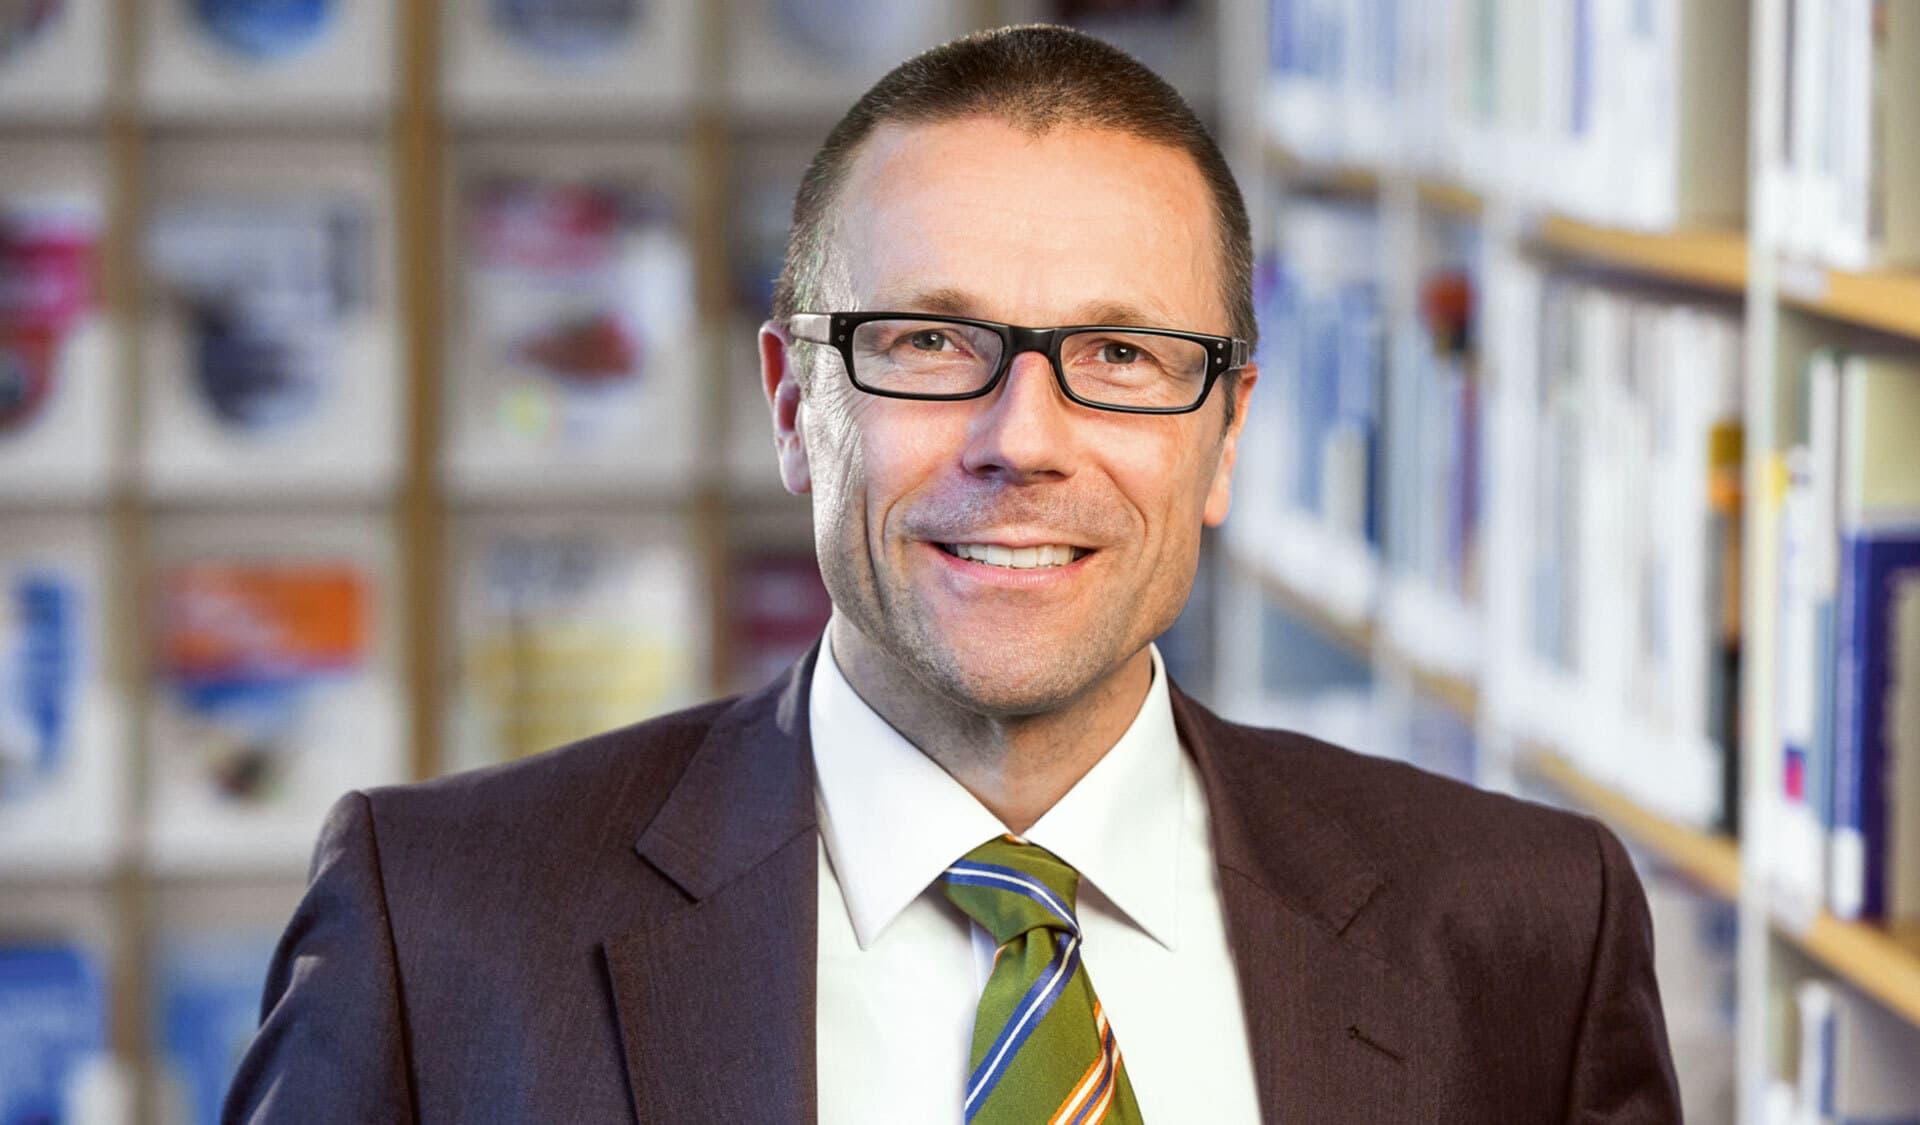 Porträtfoto von Prof. Dr. Uwe Schneidewind in Anzug und Krawatte. Er lächelt in die Kamera